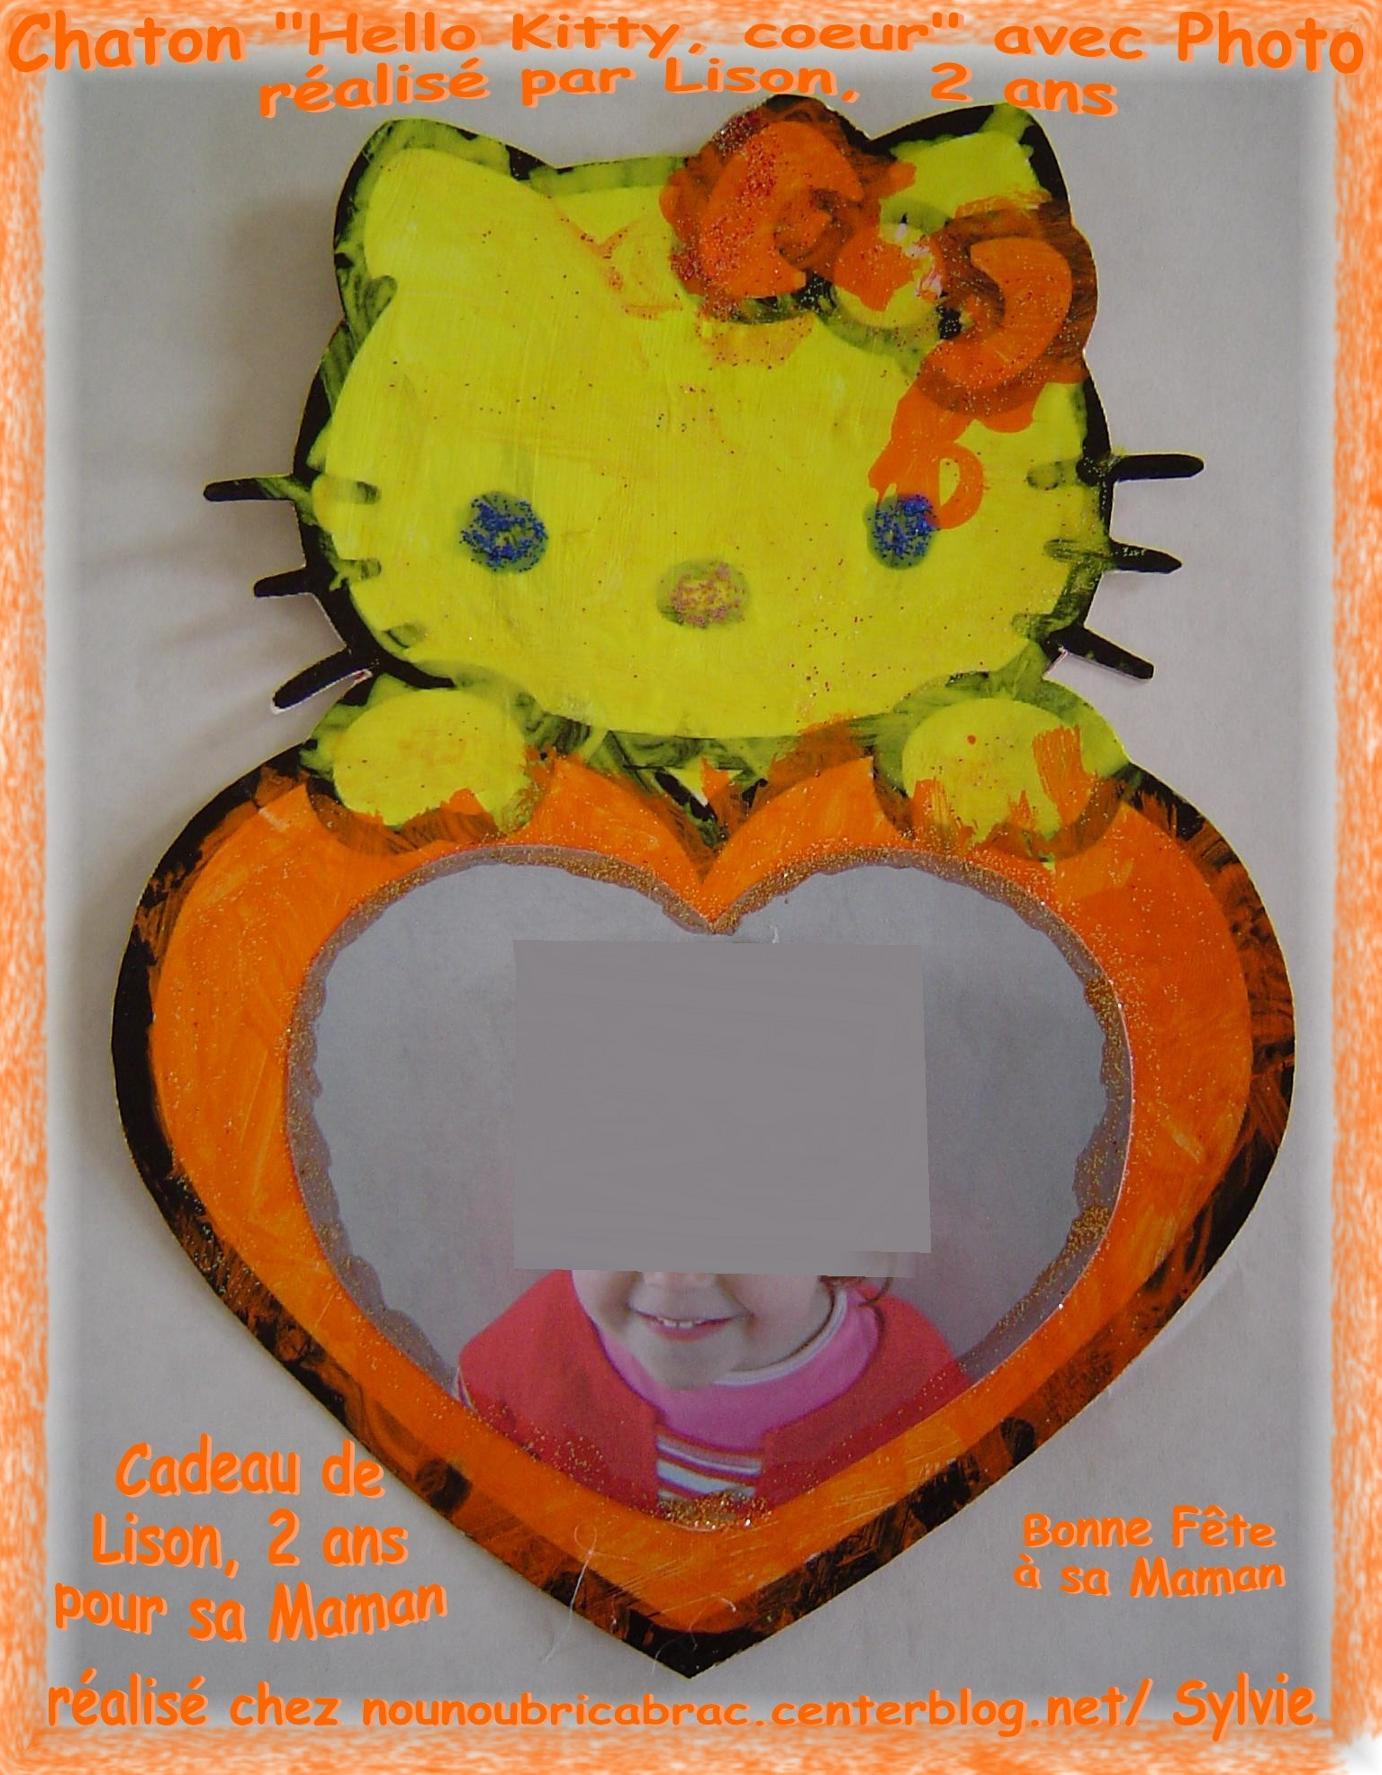 Chaton Hello Kitty Coeur avec Photo. réalisé par Lison, 2 ans... pour sa Maman